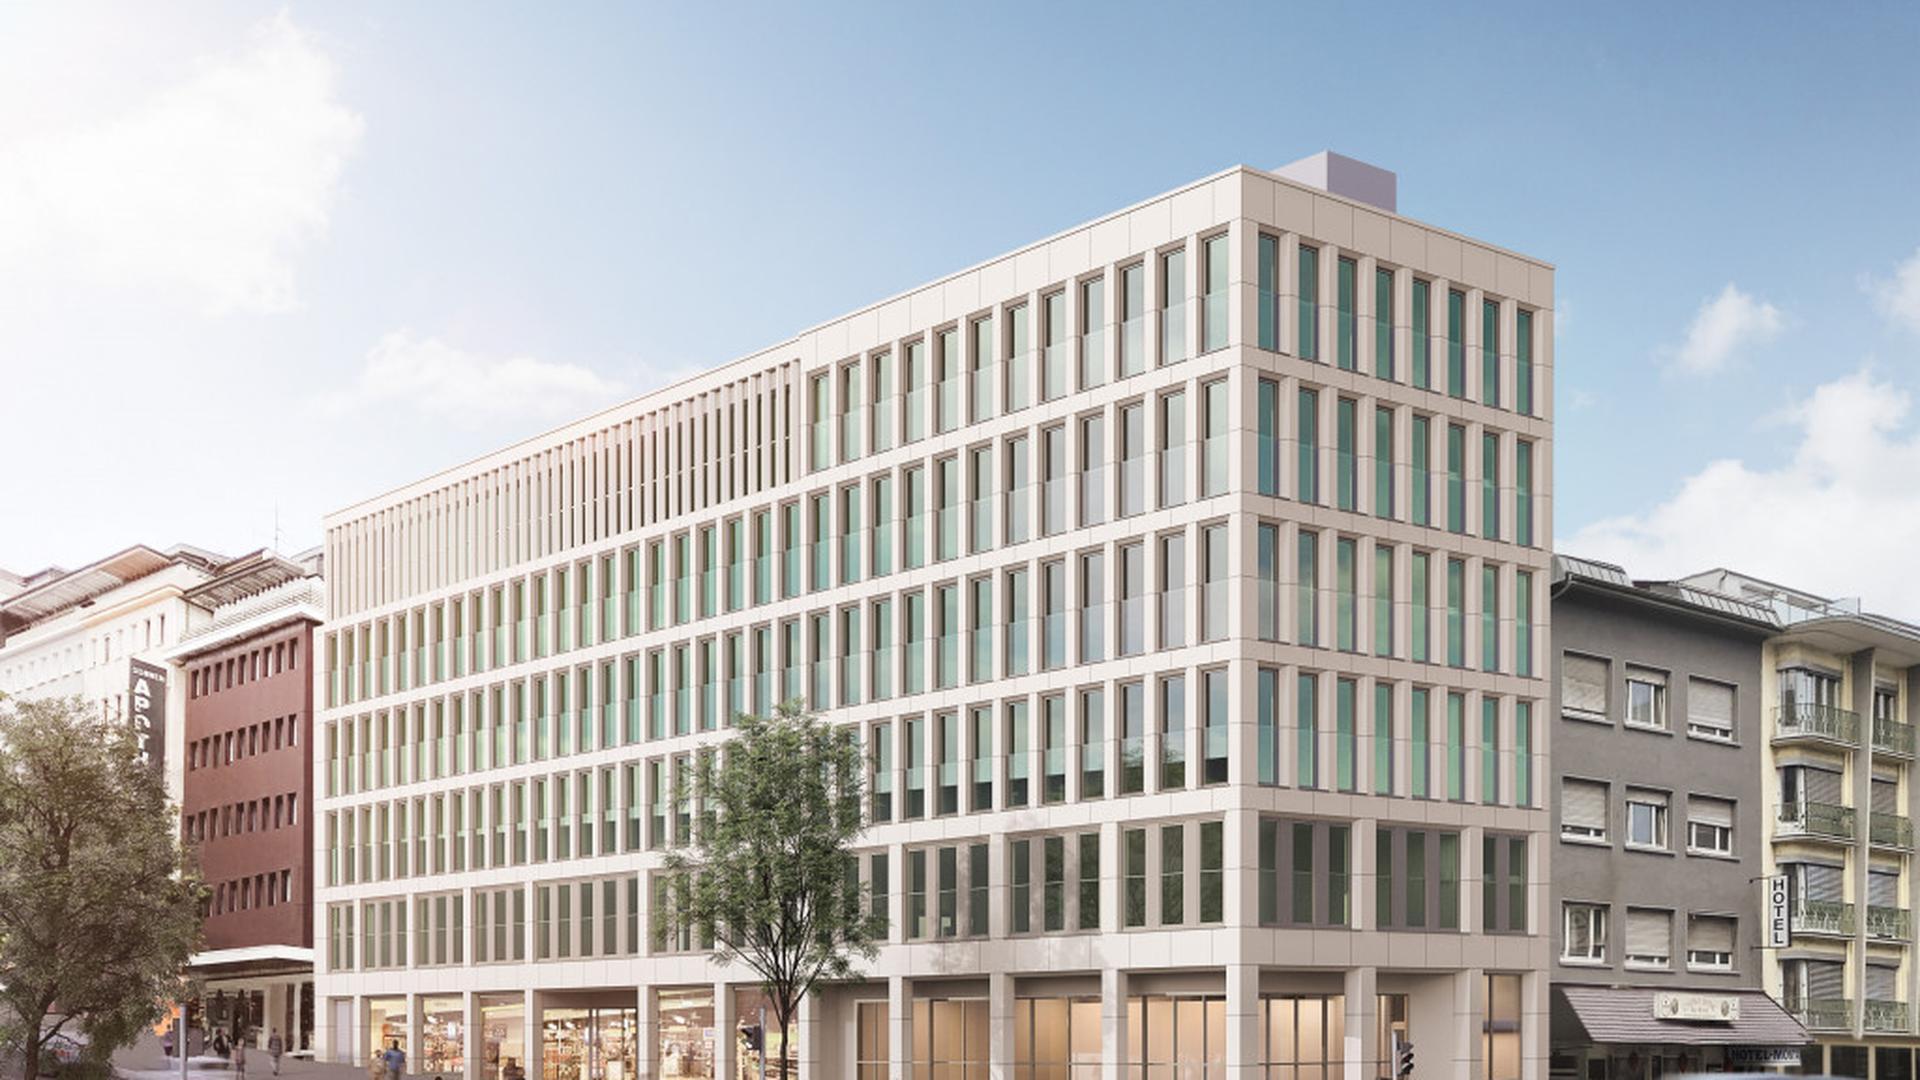 Fassadenentwurf für den Neubau Leopold-/Lamm-/Zerrennerstraße